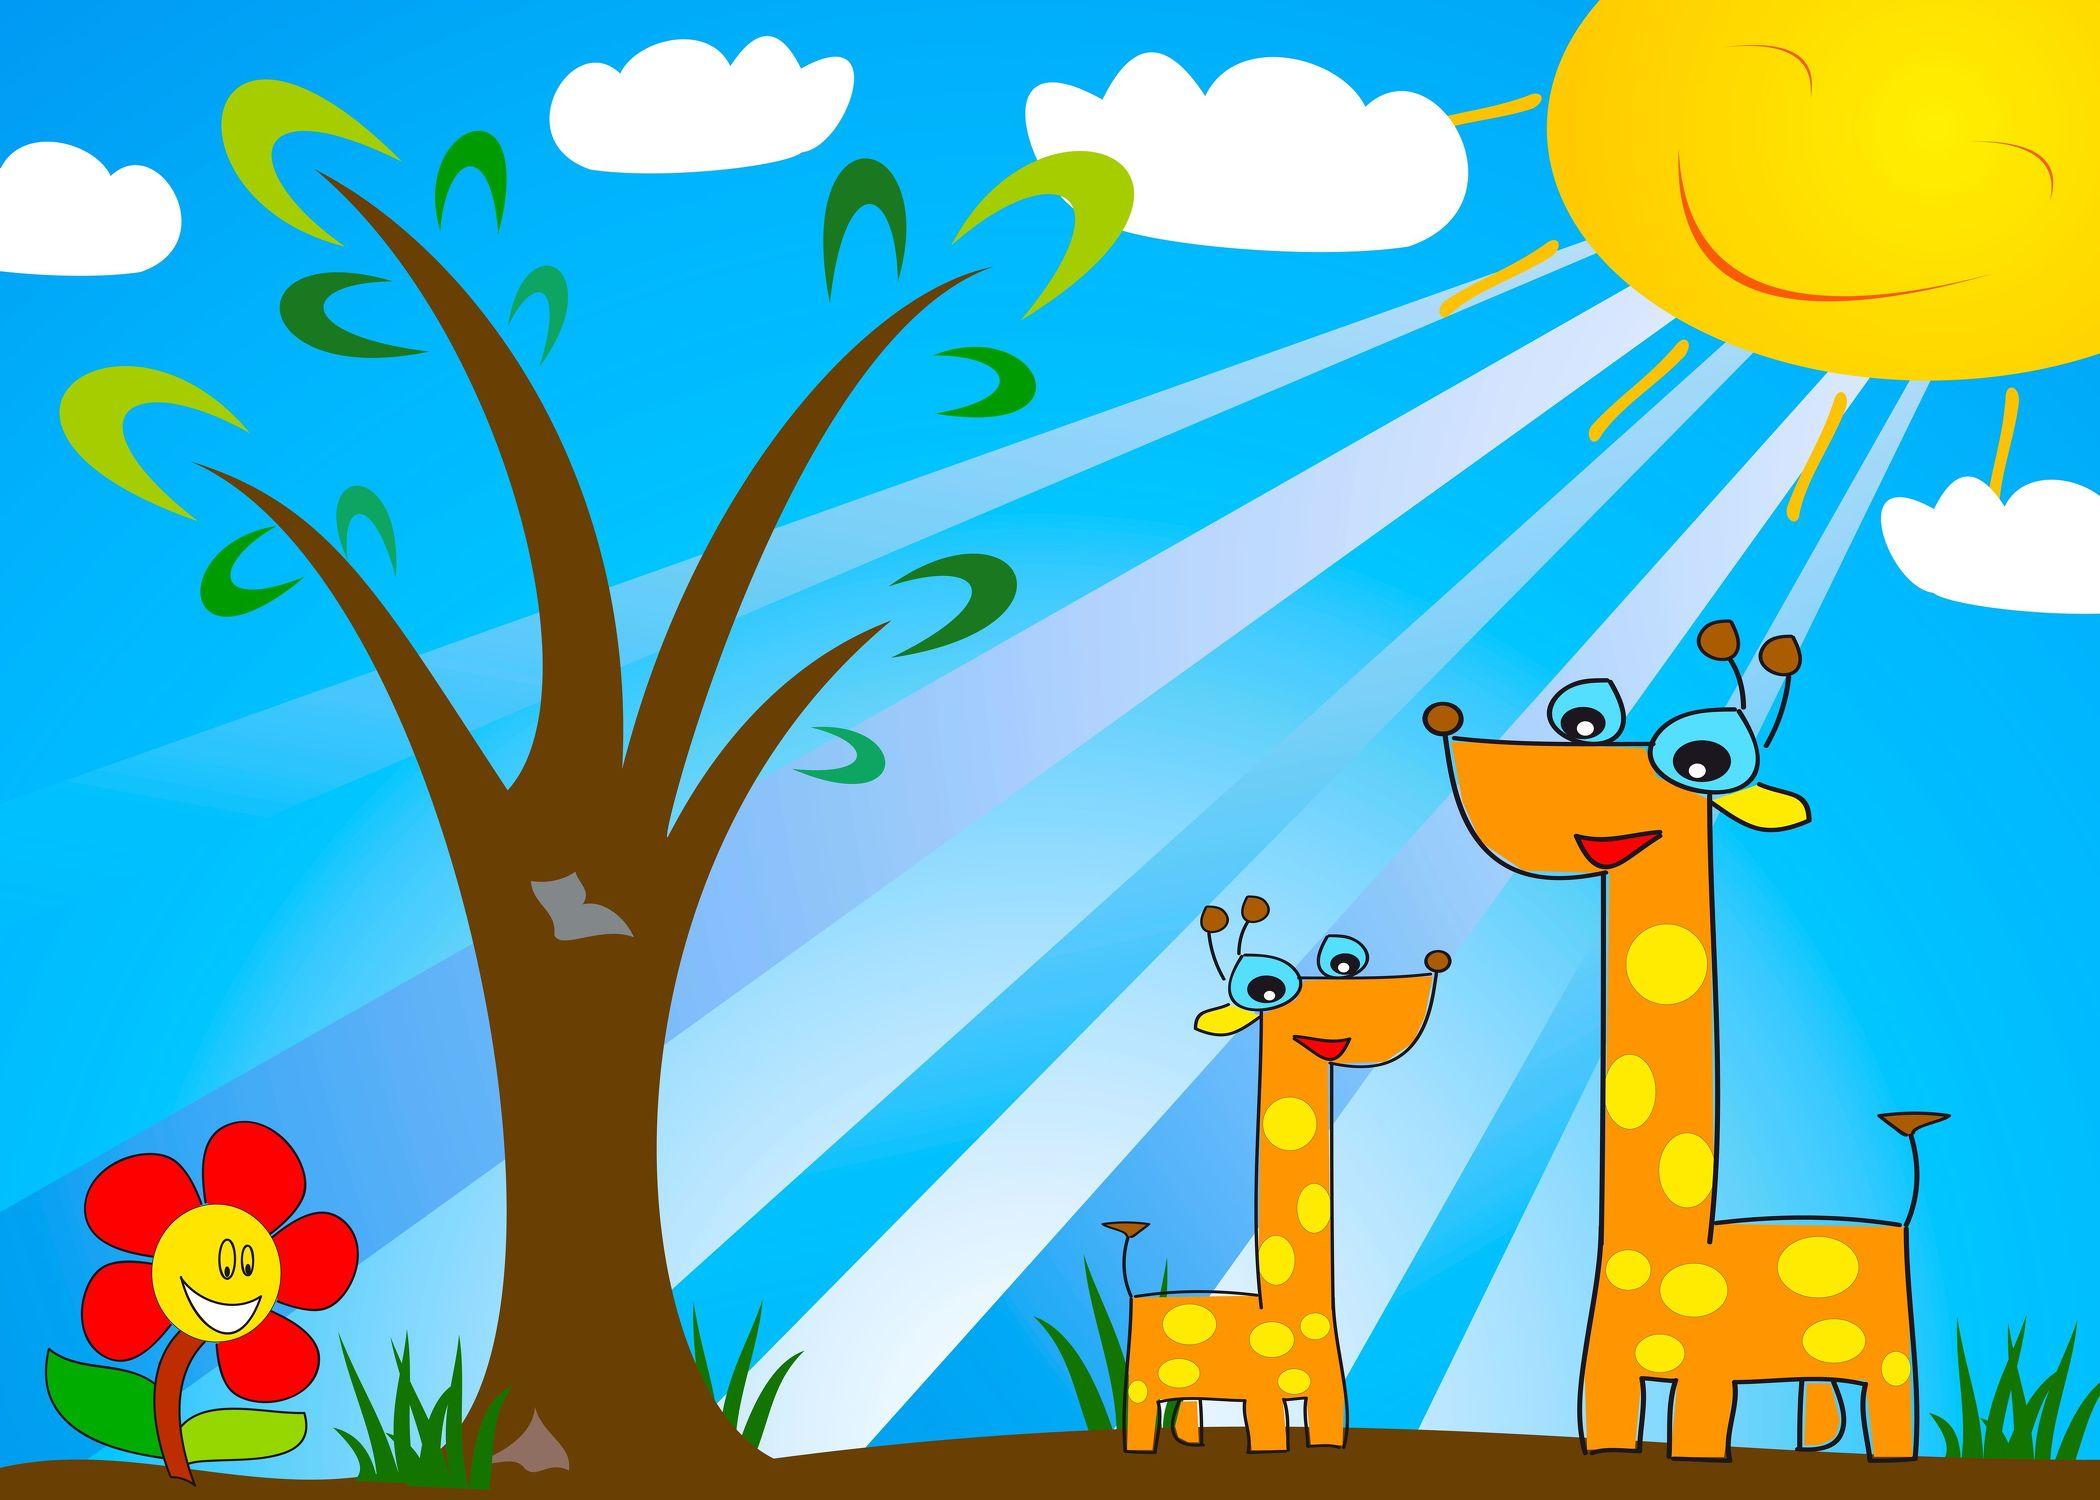 Bild mit Zeichnung, Illustration, Kinderbild, Kinderbilder, Kinderzimmer, Kinderwelt